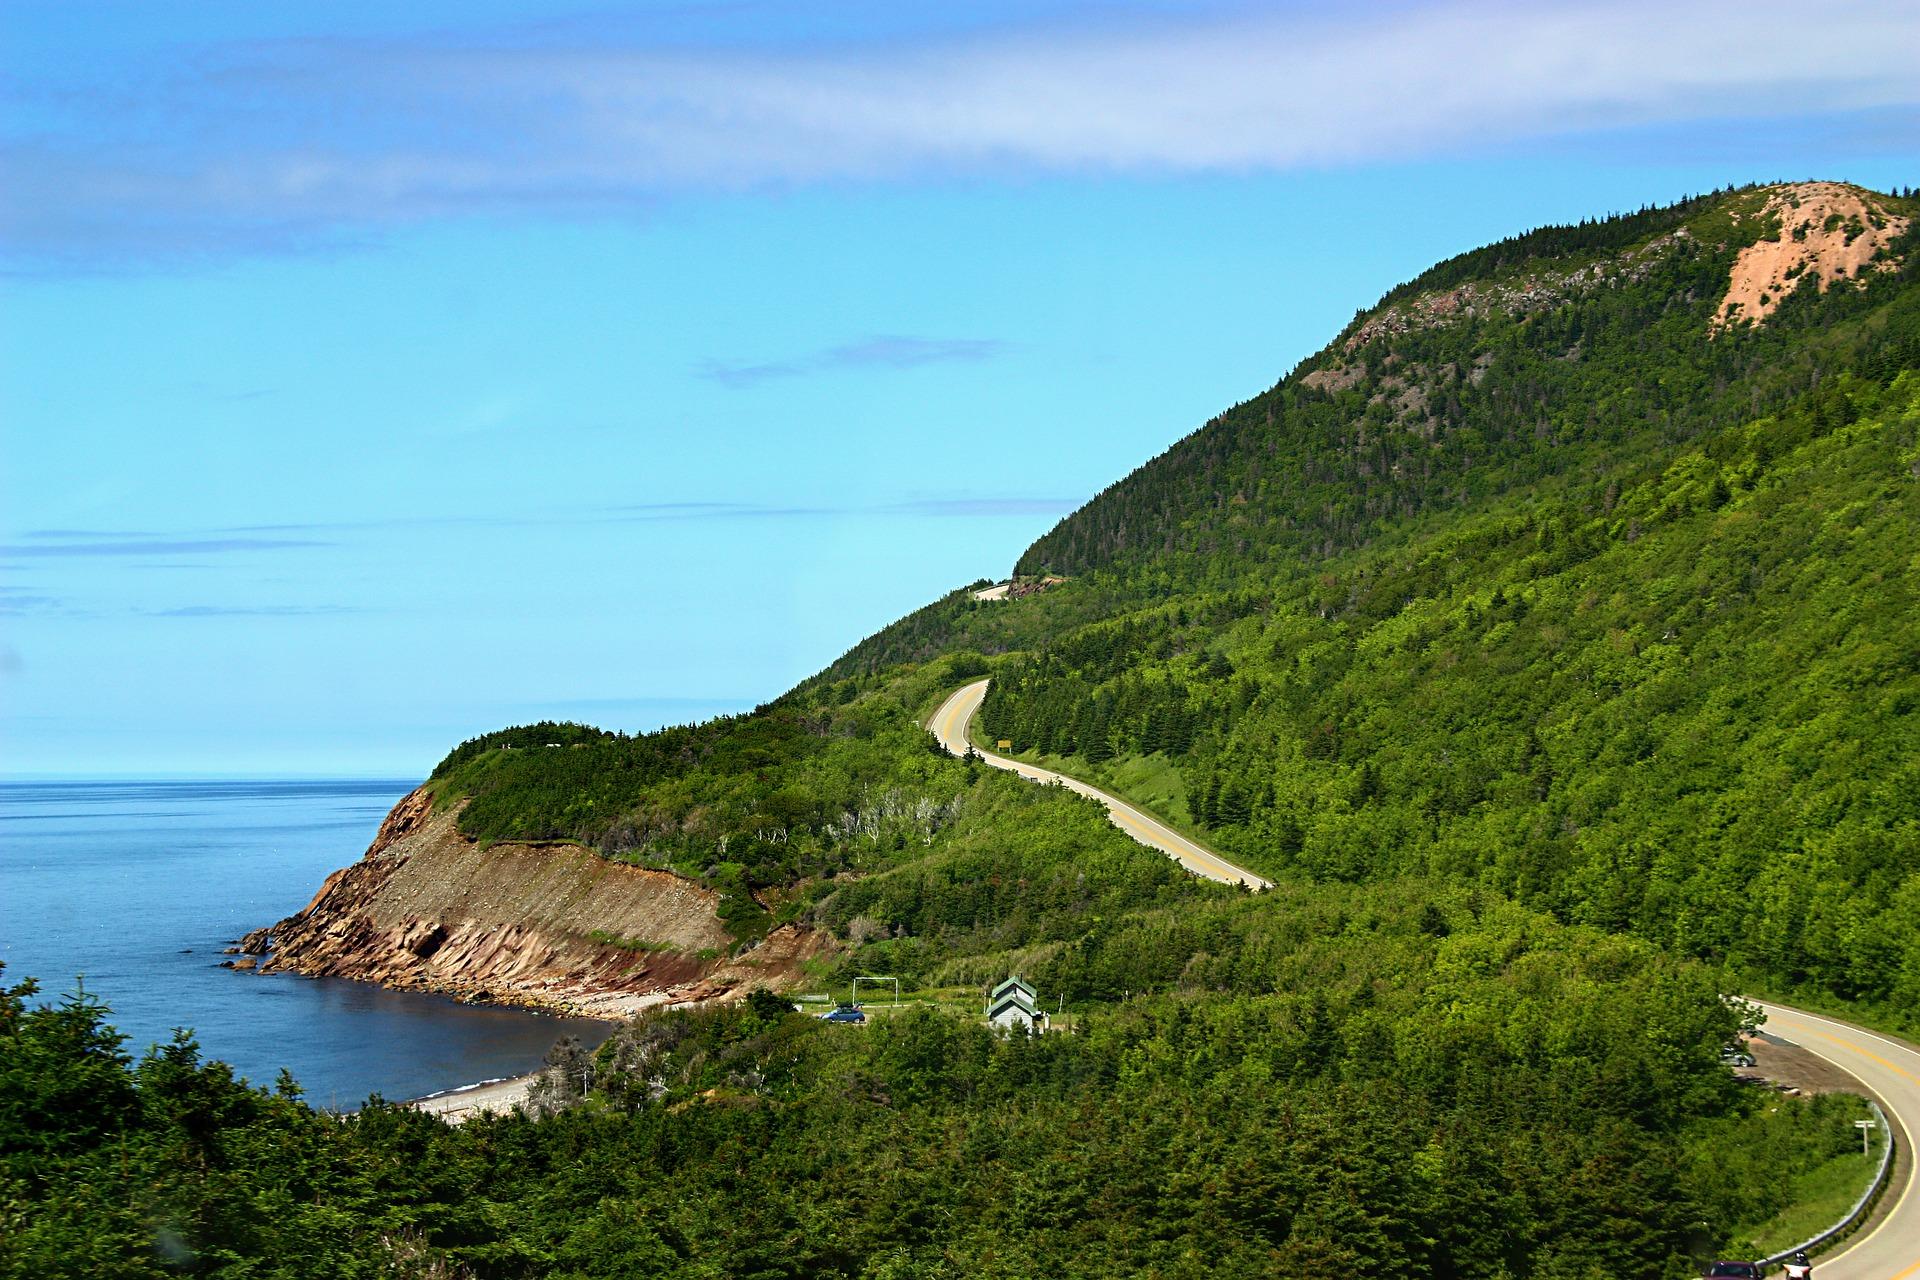 Wonders of the Maritimes & Scenic Cape Breton | Cape Breton, Nova Scotia, Canada